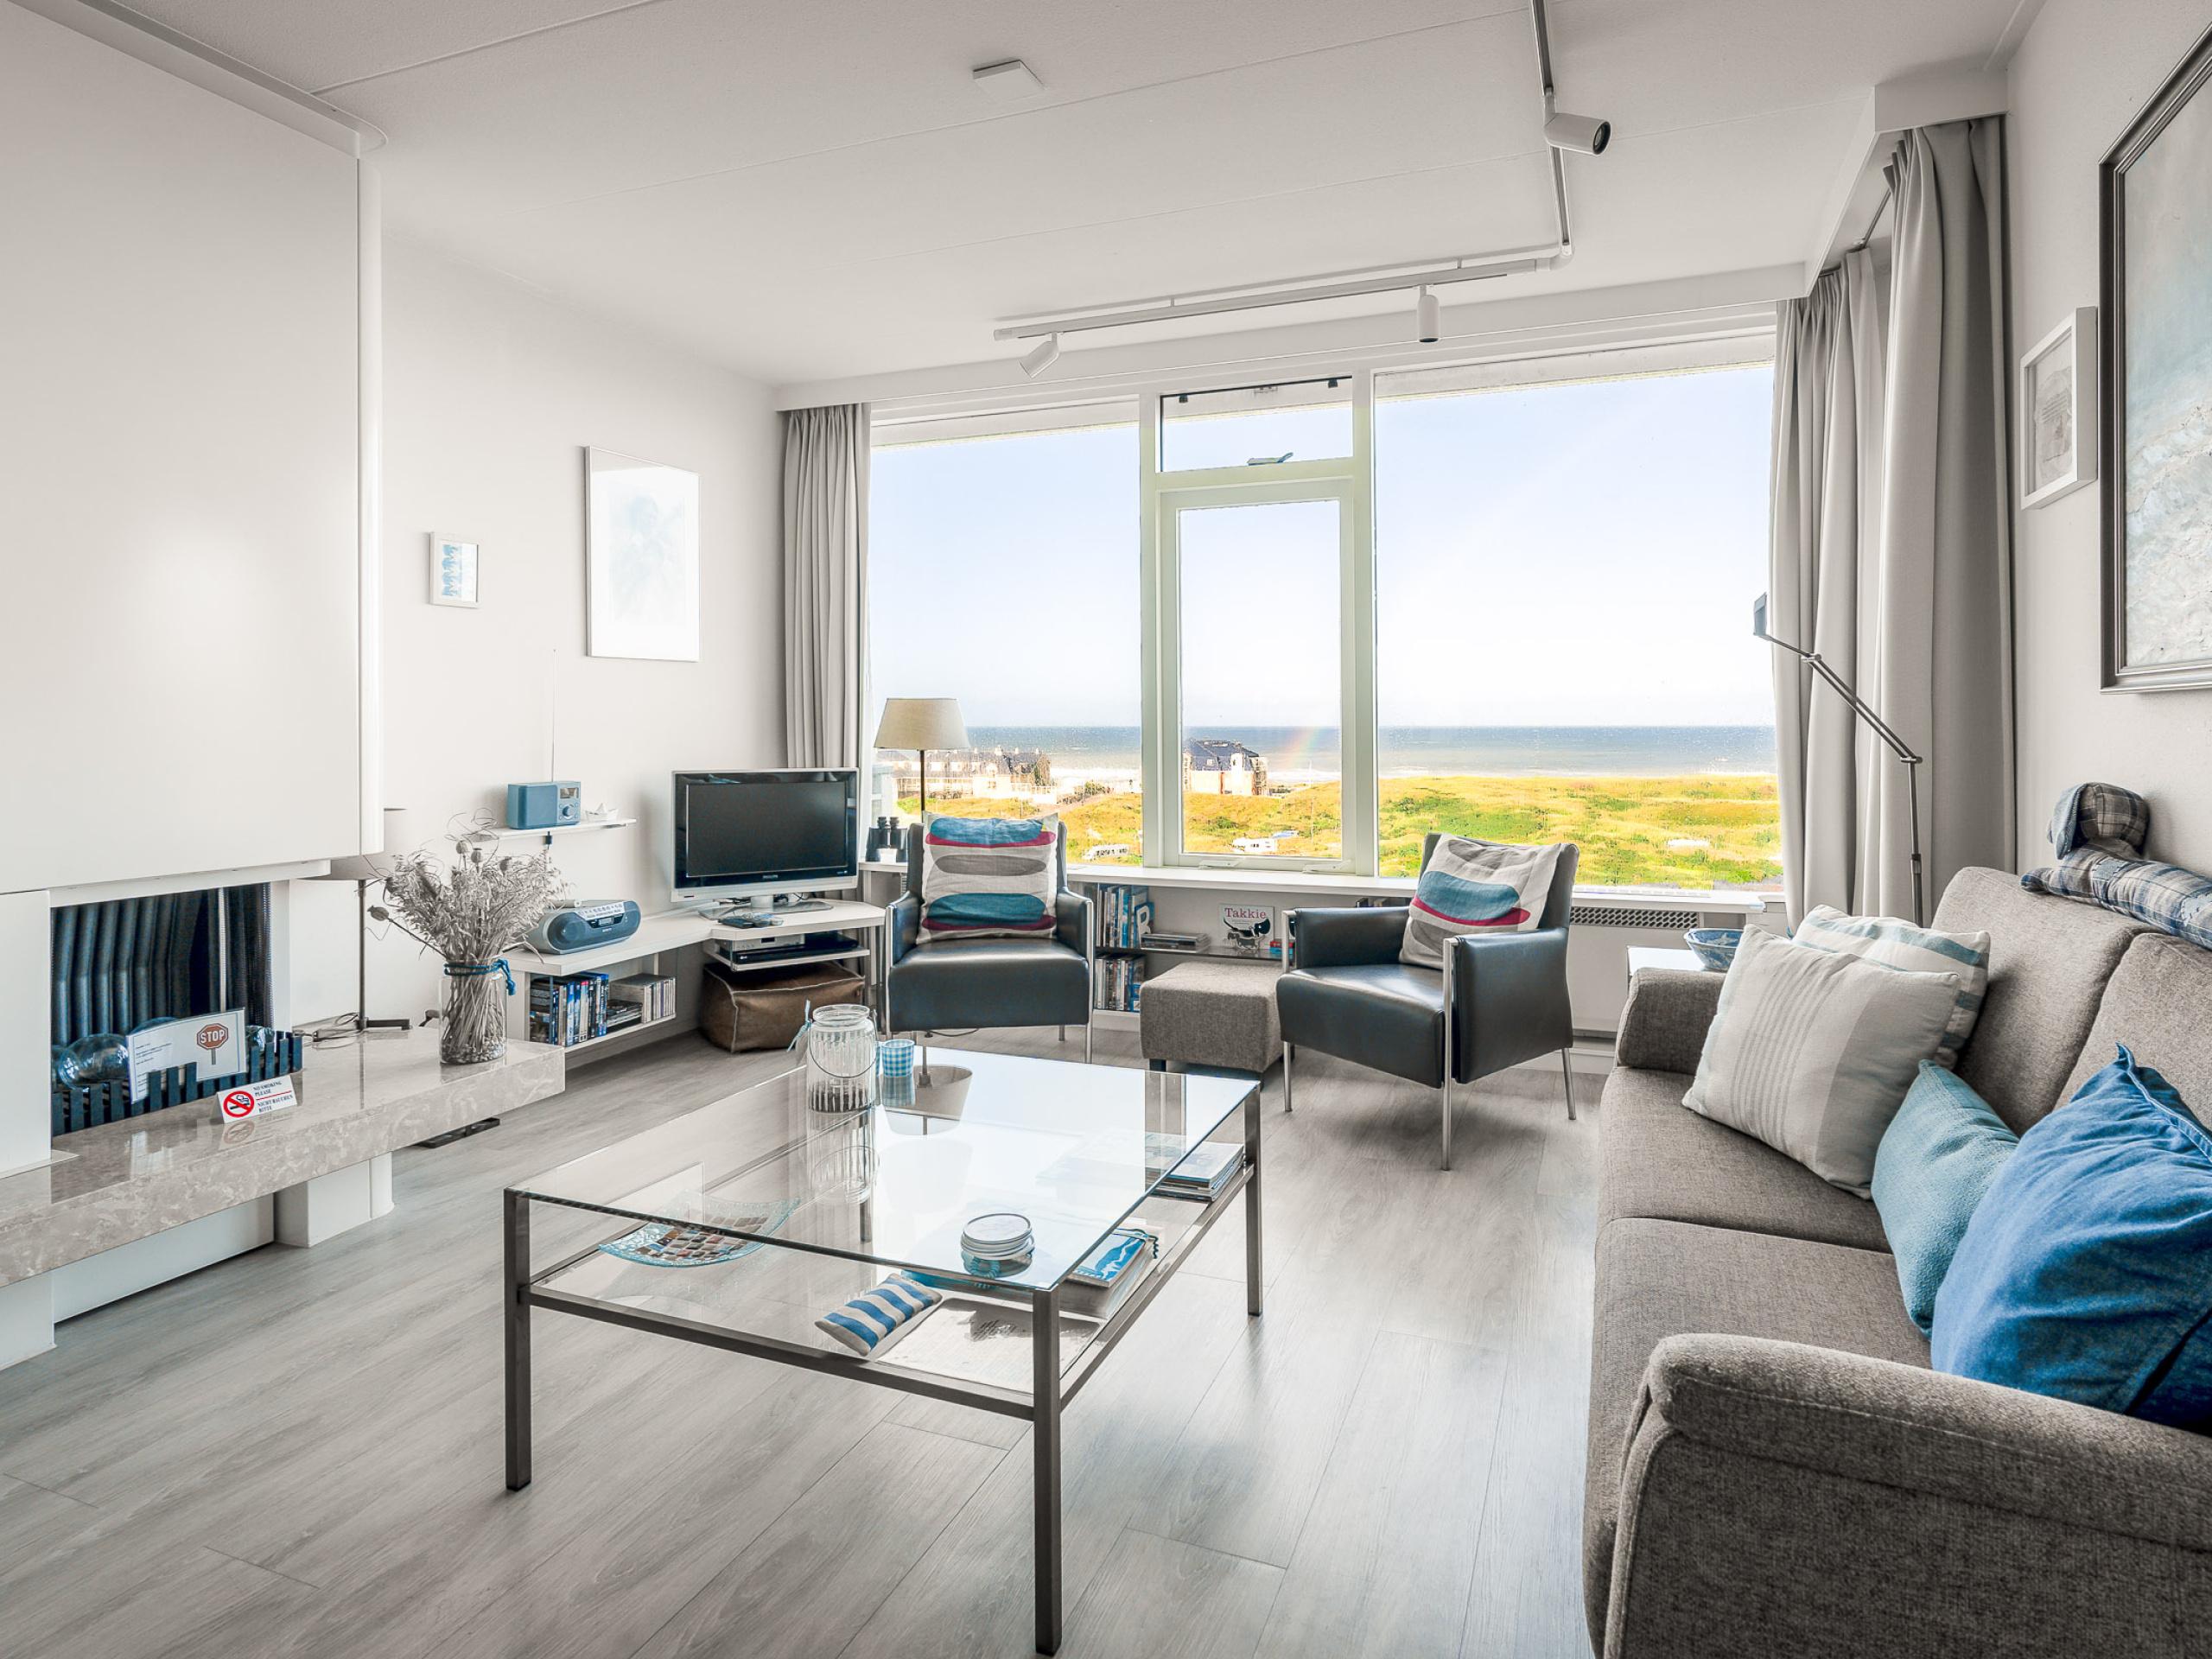 Huiselijk ingericht appartement nabij De Koog met zeezicht